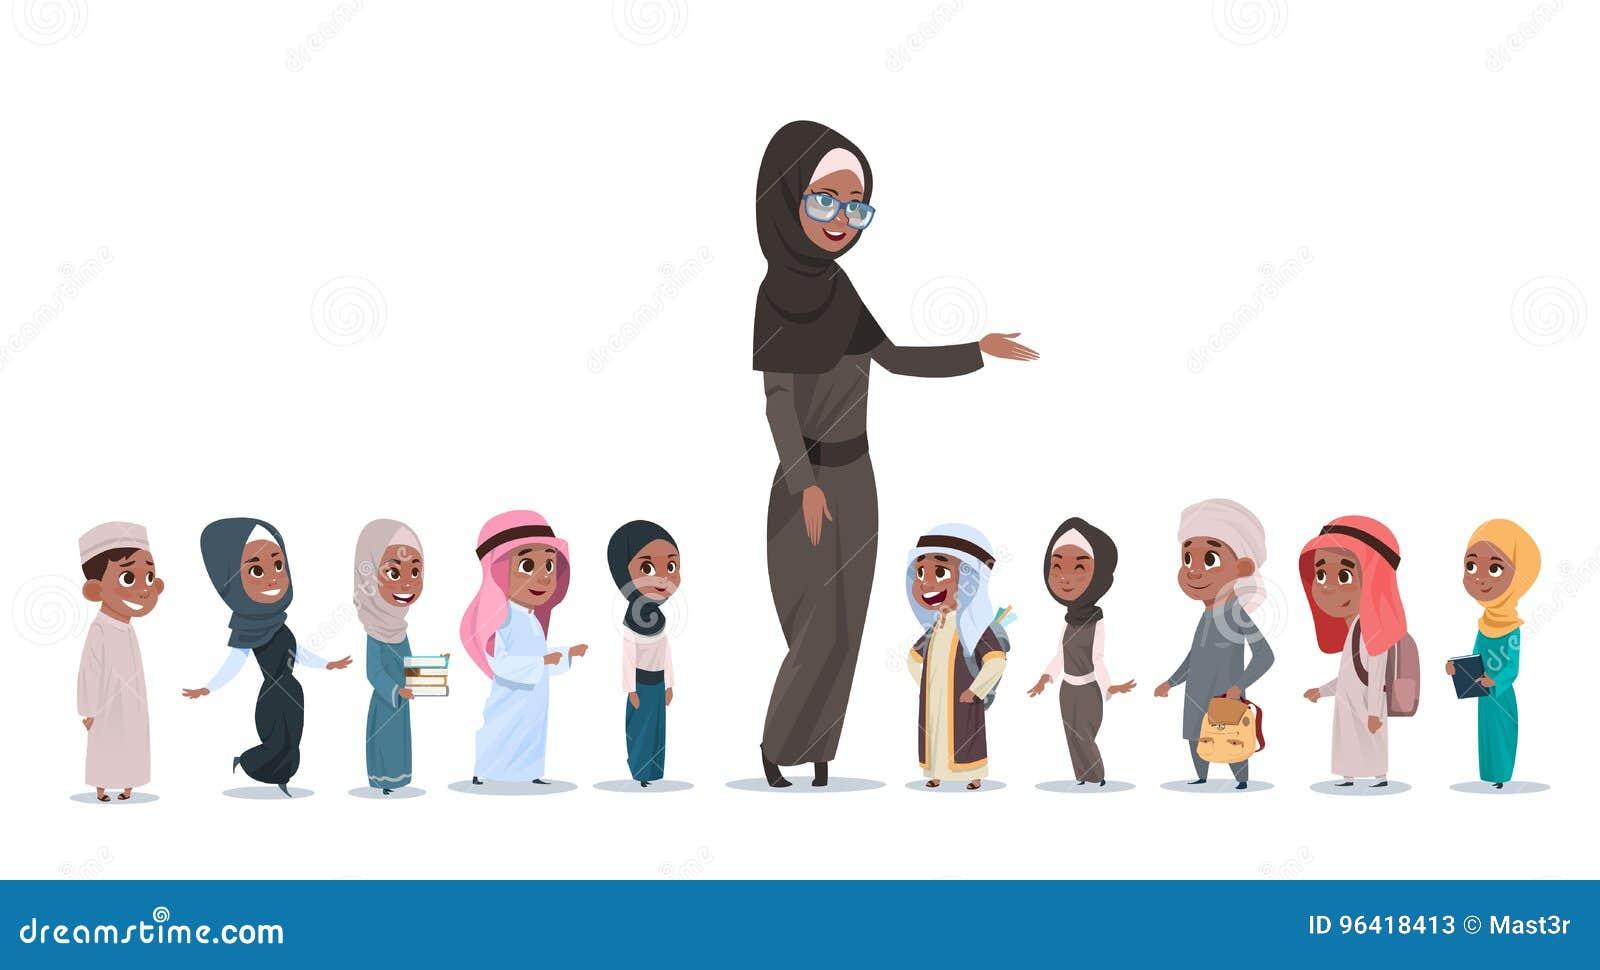 Arabische Kinderenleerlingen met Vrouwelijke Leraar Muslim Schoolchildren Group